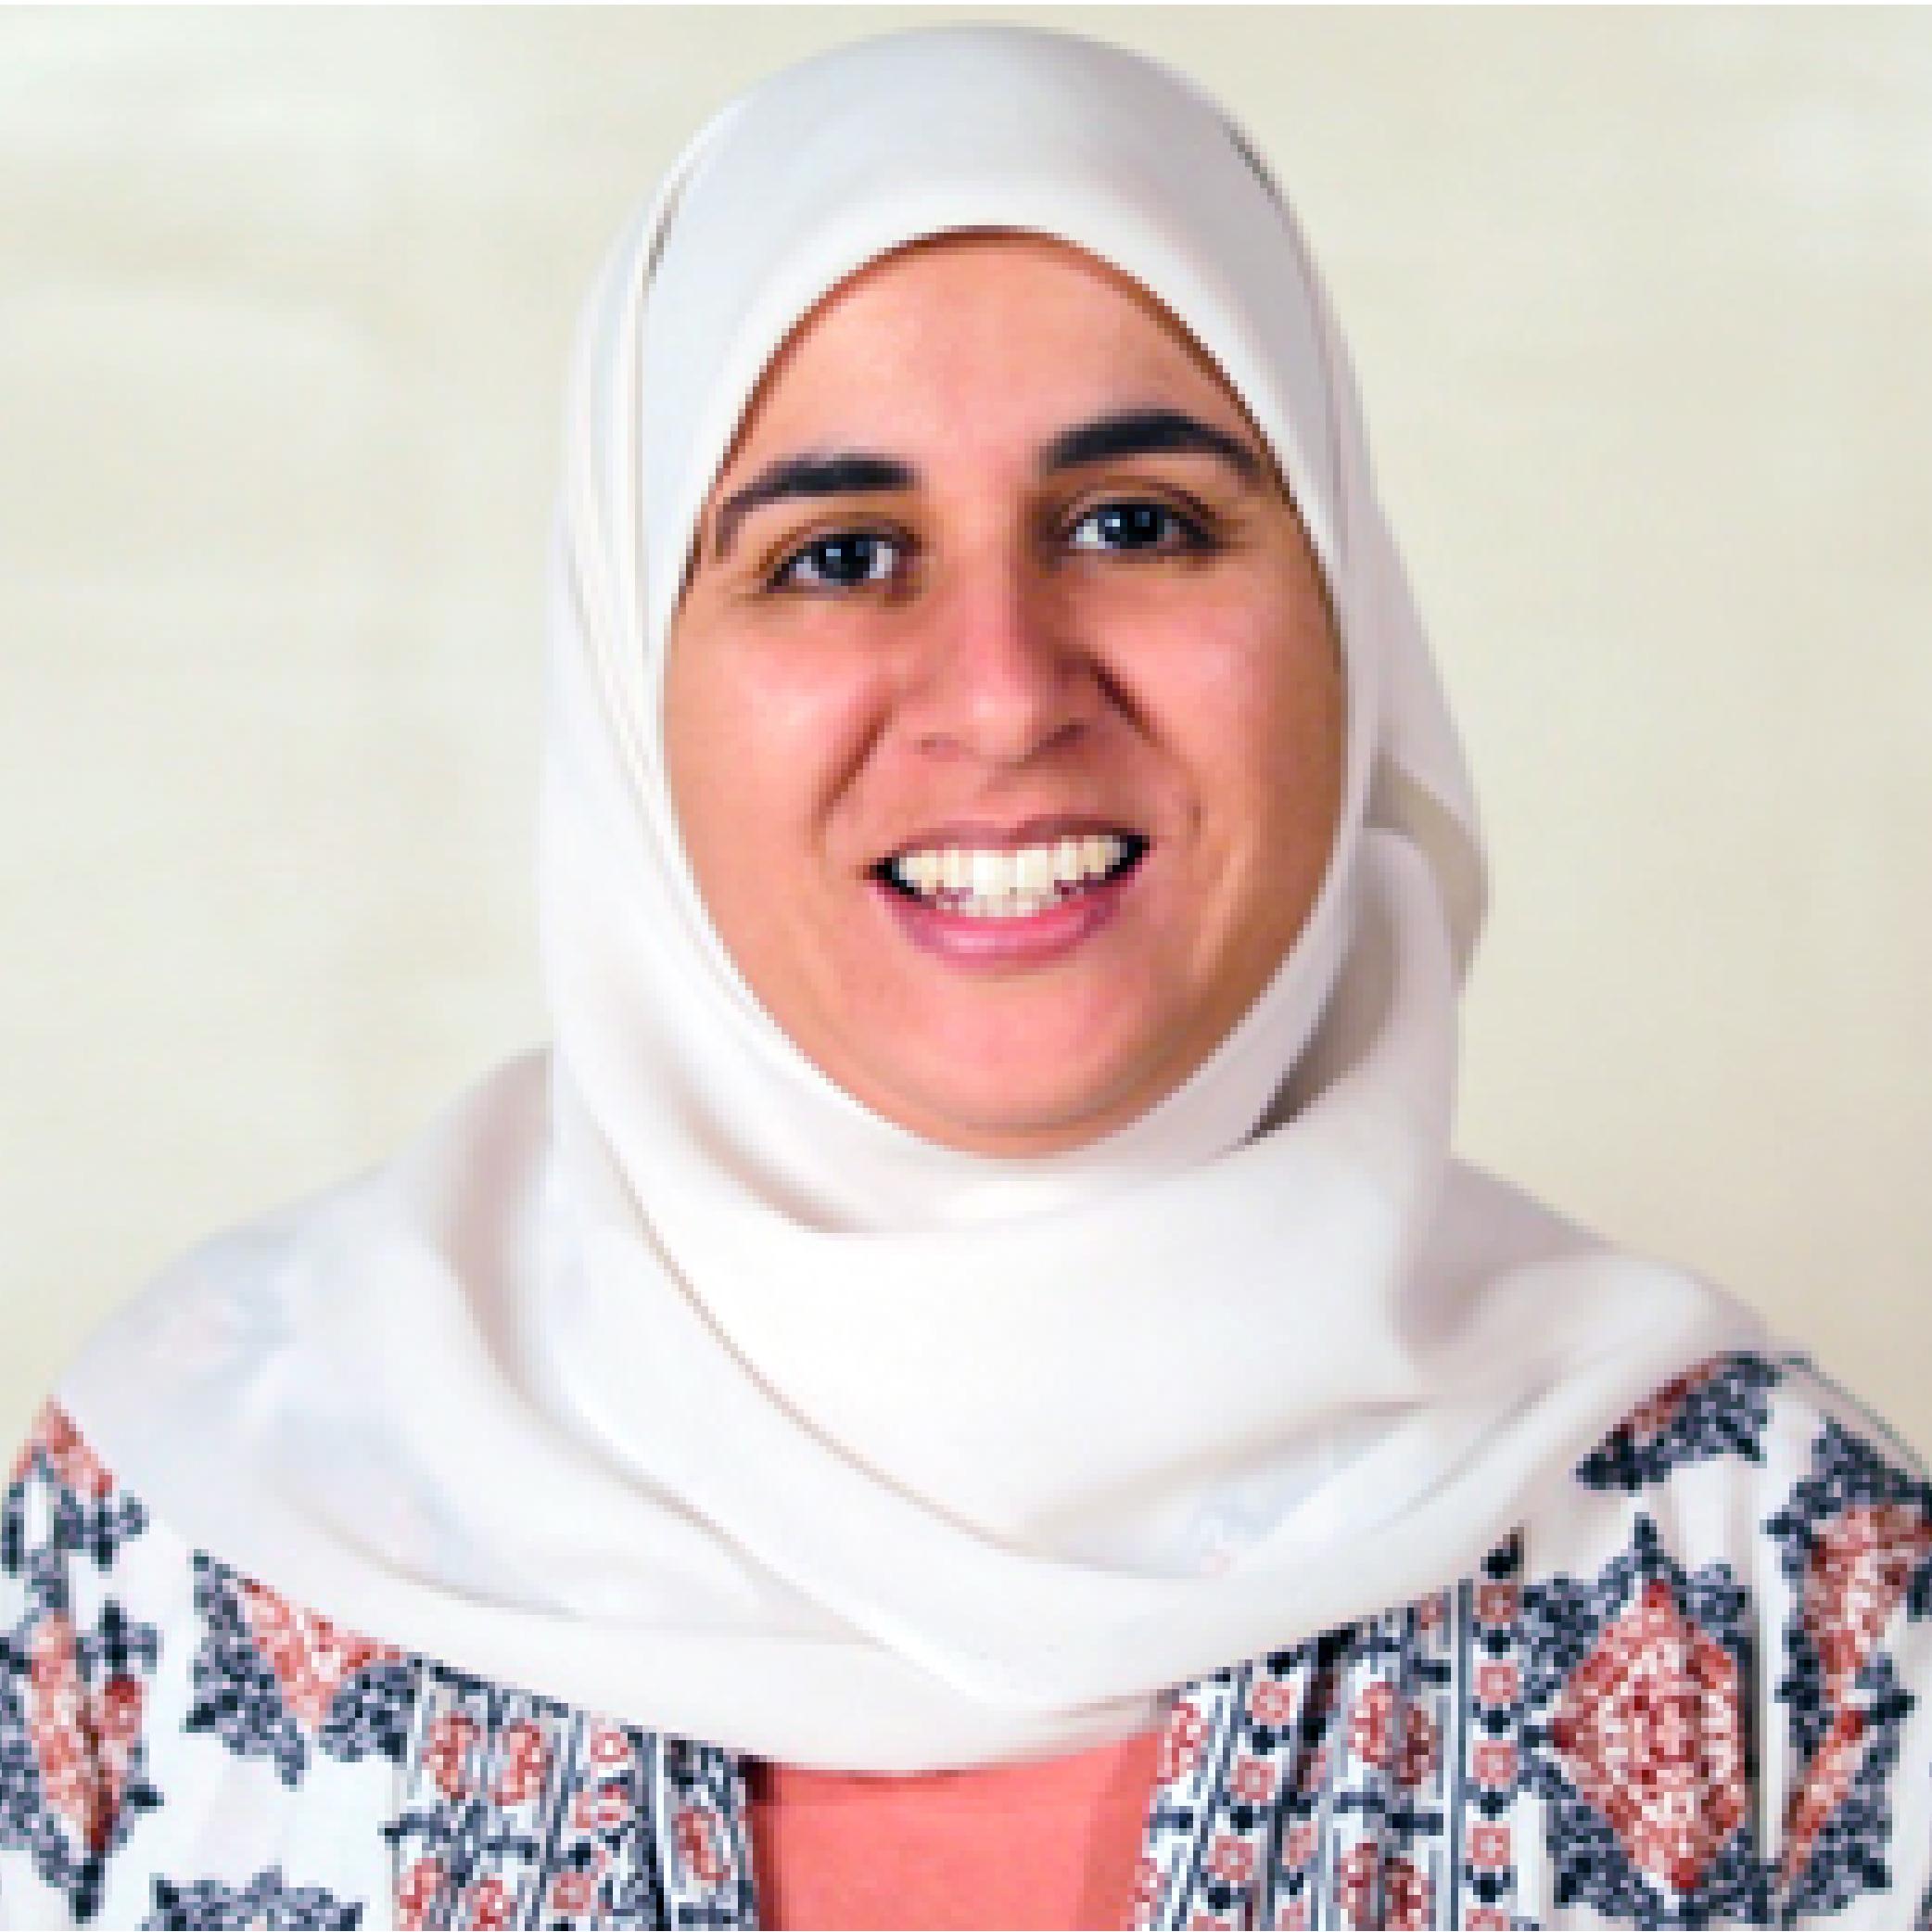 portrait of Yasmine Abou-El-Kheir